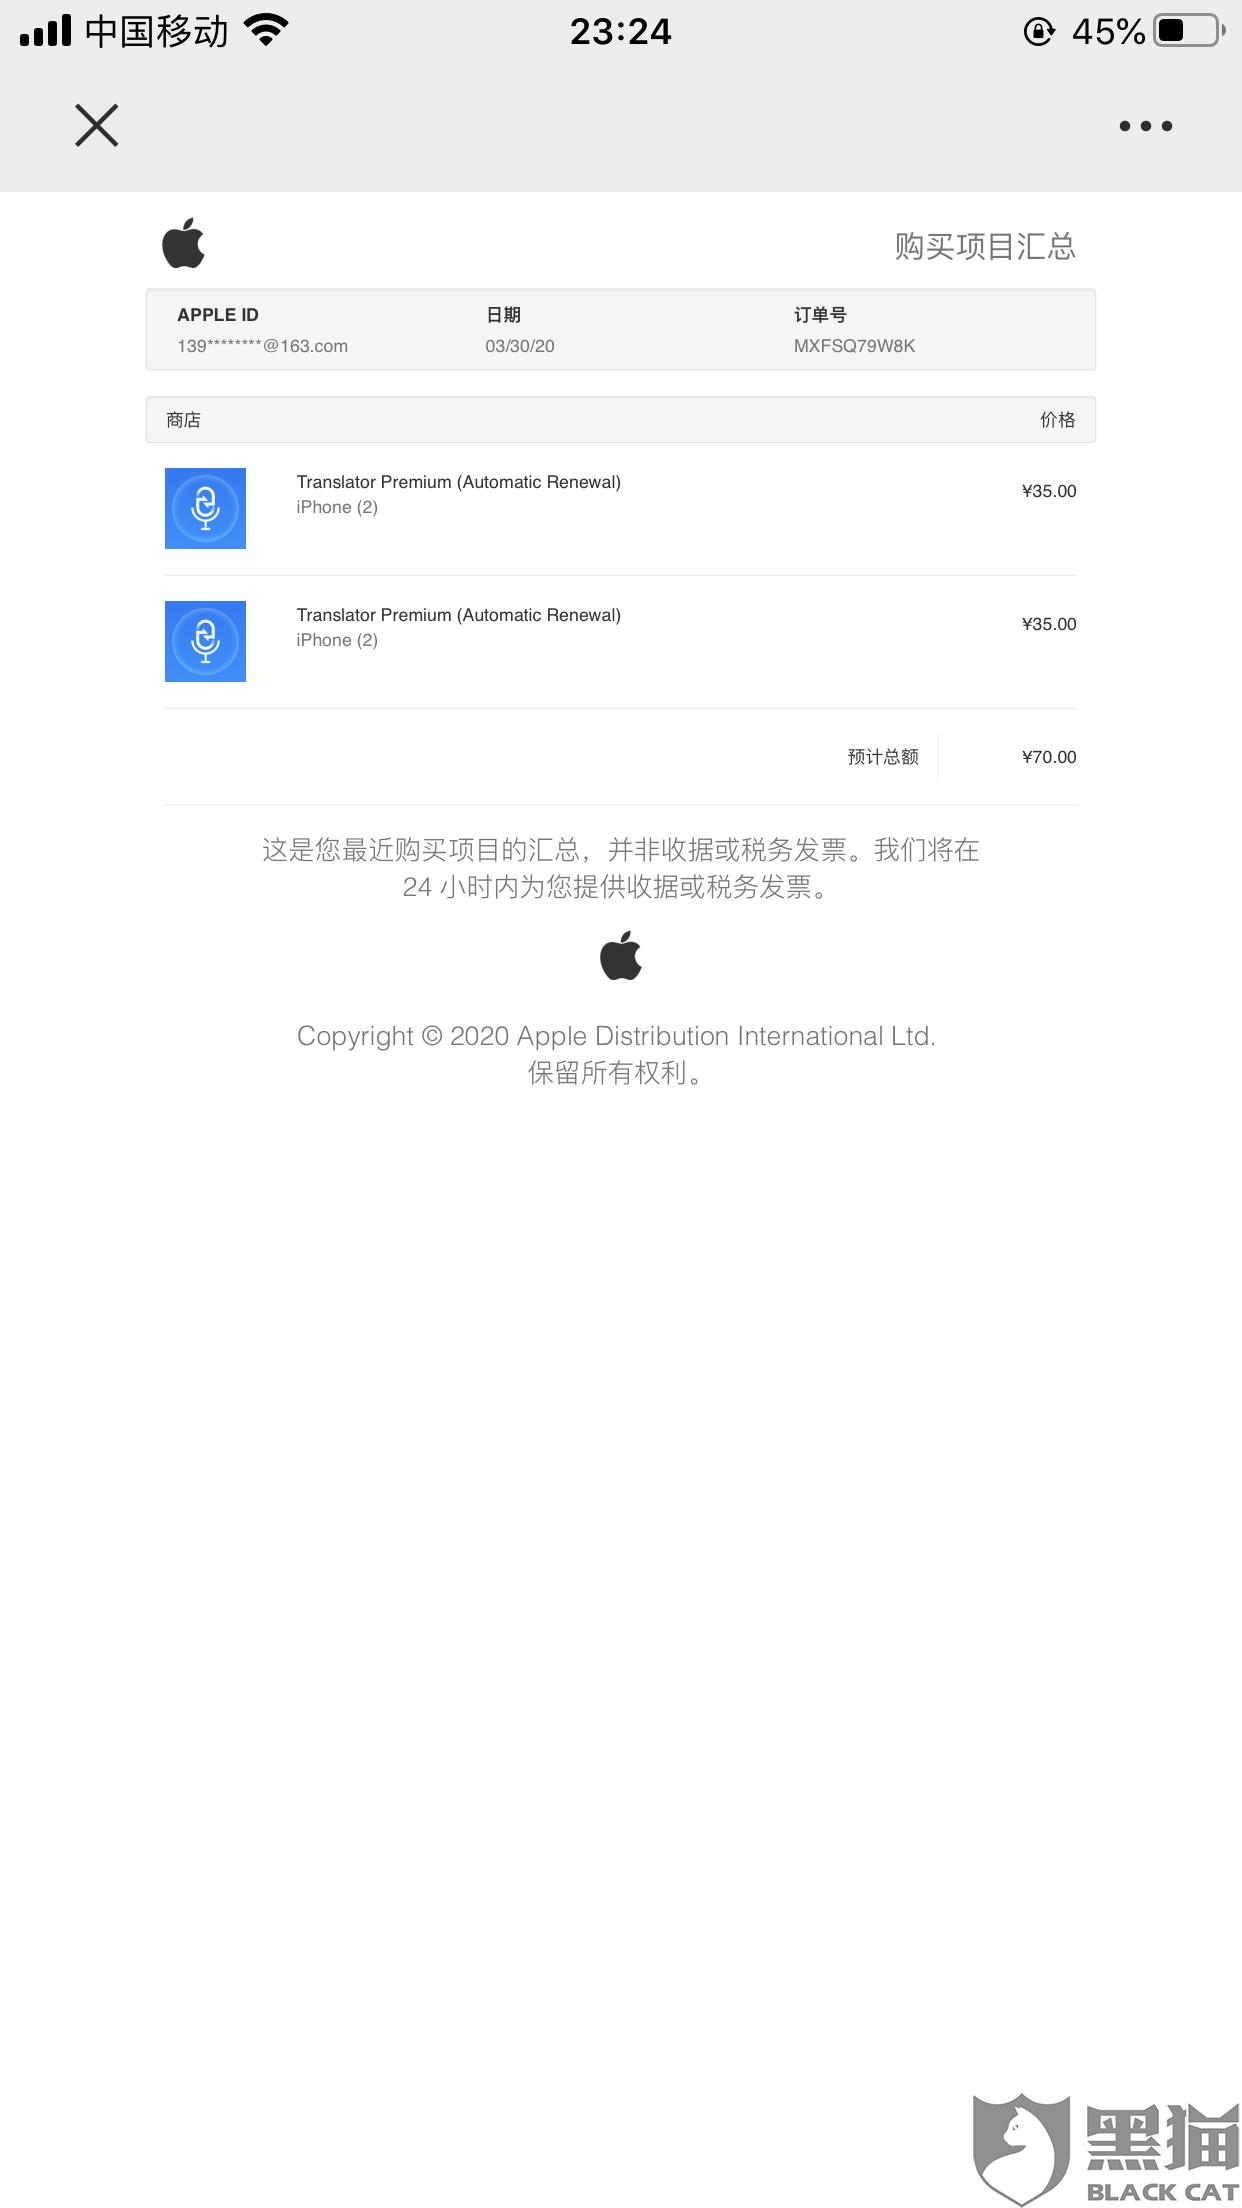 黑猫投诉:Translator Premium翻译官app绑架式消费